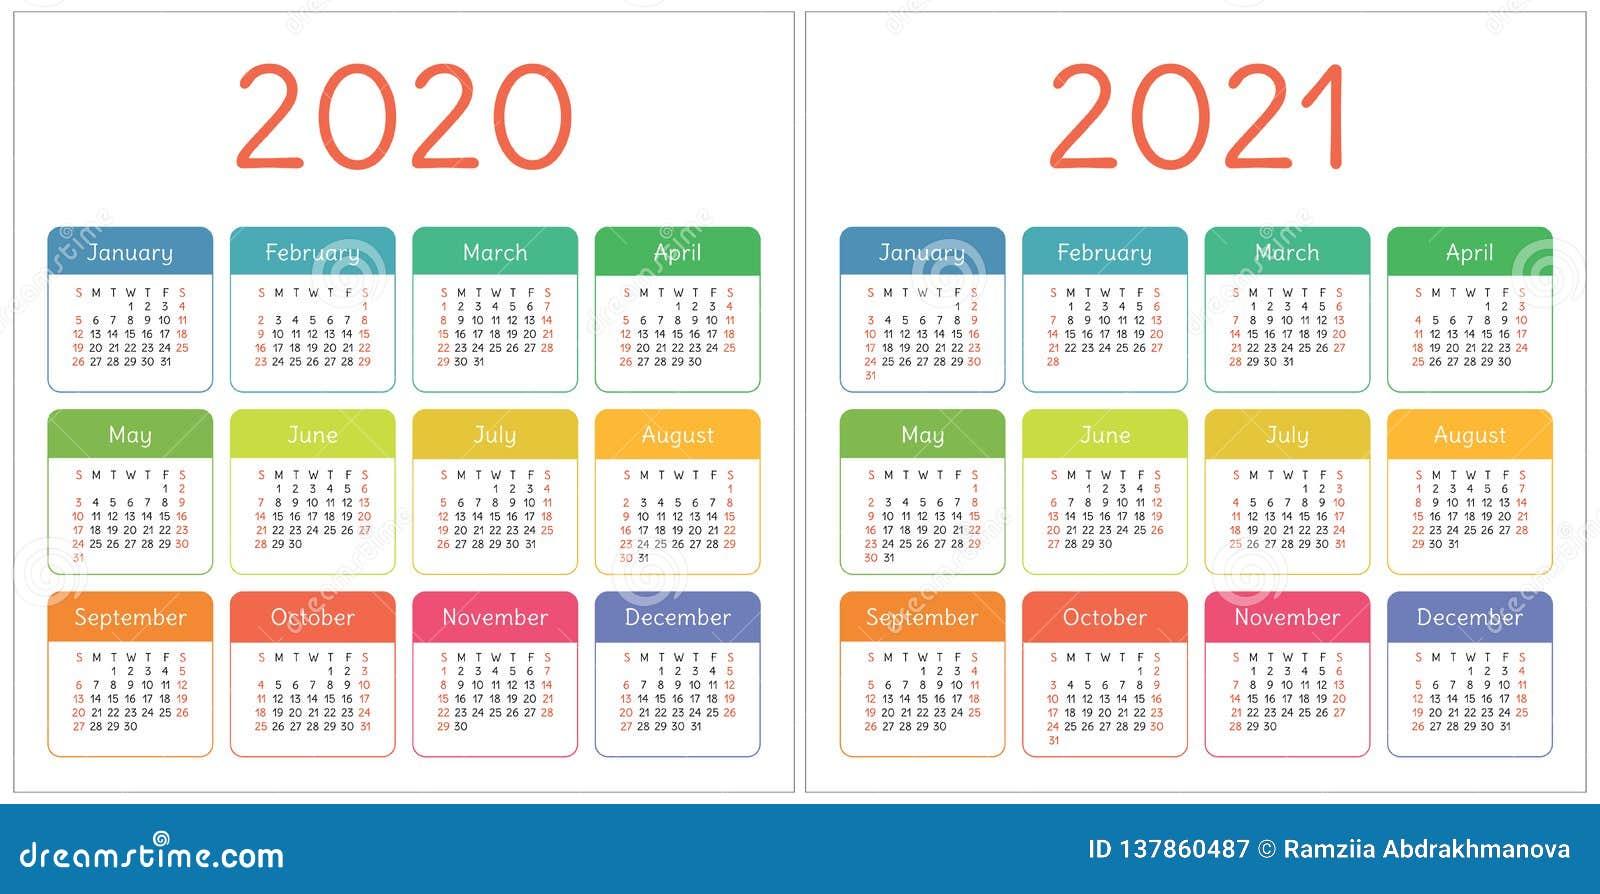 Calendario 2020 Semanas.Calendario 2020 2021 Anos Grupo Colorido Comecos Da Semana